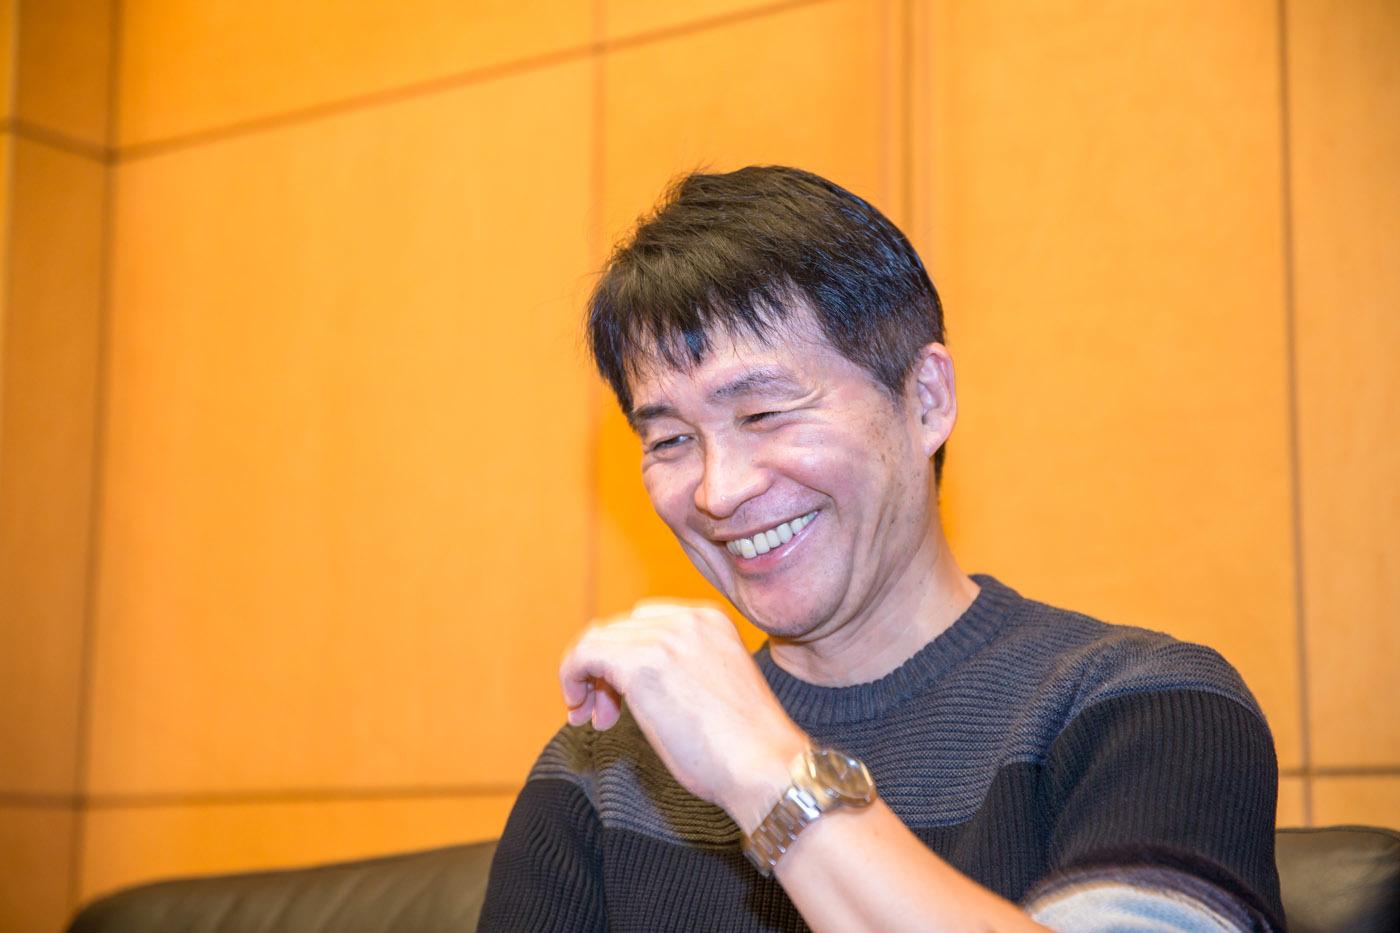 しげの秀一氏 1958年新潟県生まれ。1981年漫画家デビュー、1983年『バリバリ伝説』が週刊少年マガジンで大ヒットする。1995年から2013年まで週刊『ヤングマガジン』で『頭文字D』を連載、単行本累計5000万部の大ヒットになる。2017年9月から週刊ヤングマガジンで『MFゴースト』を連載中。